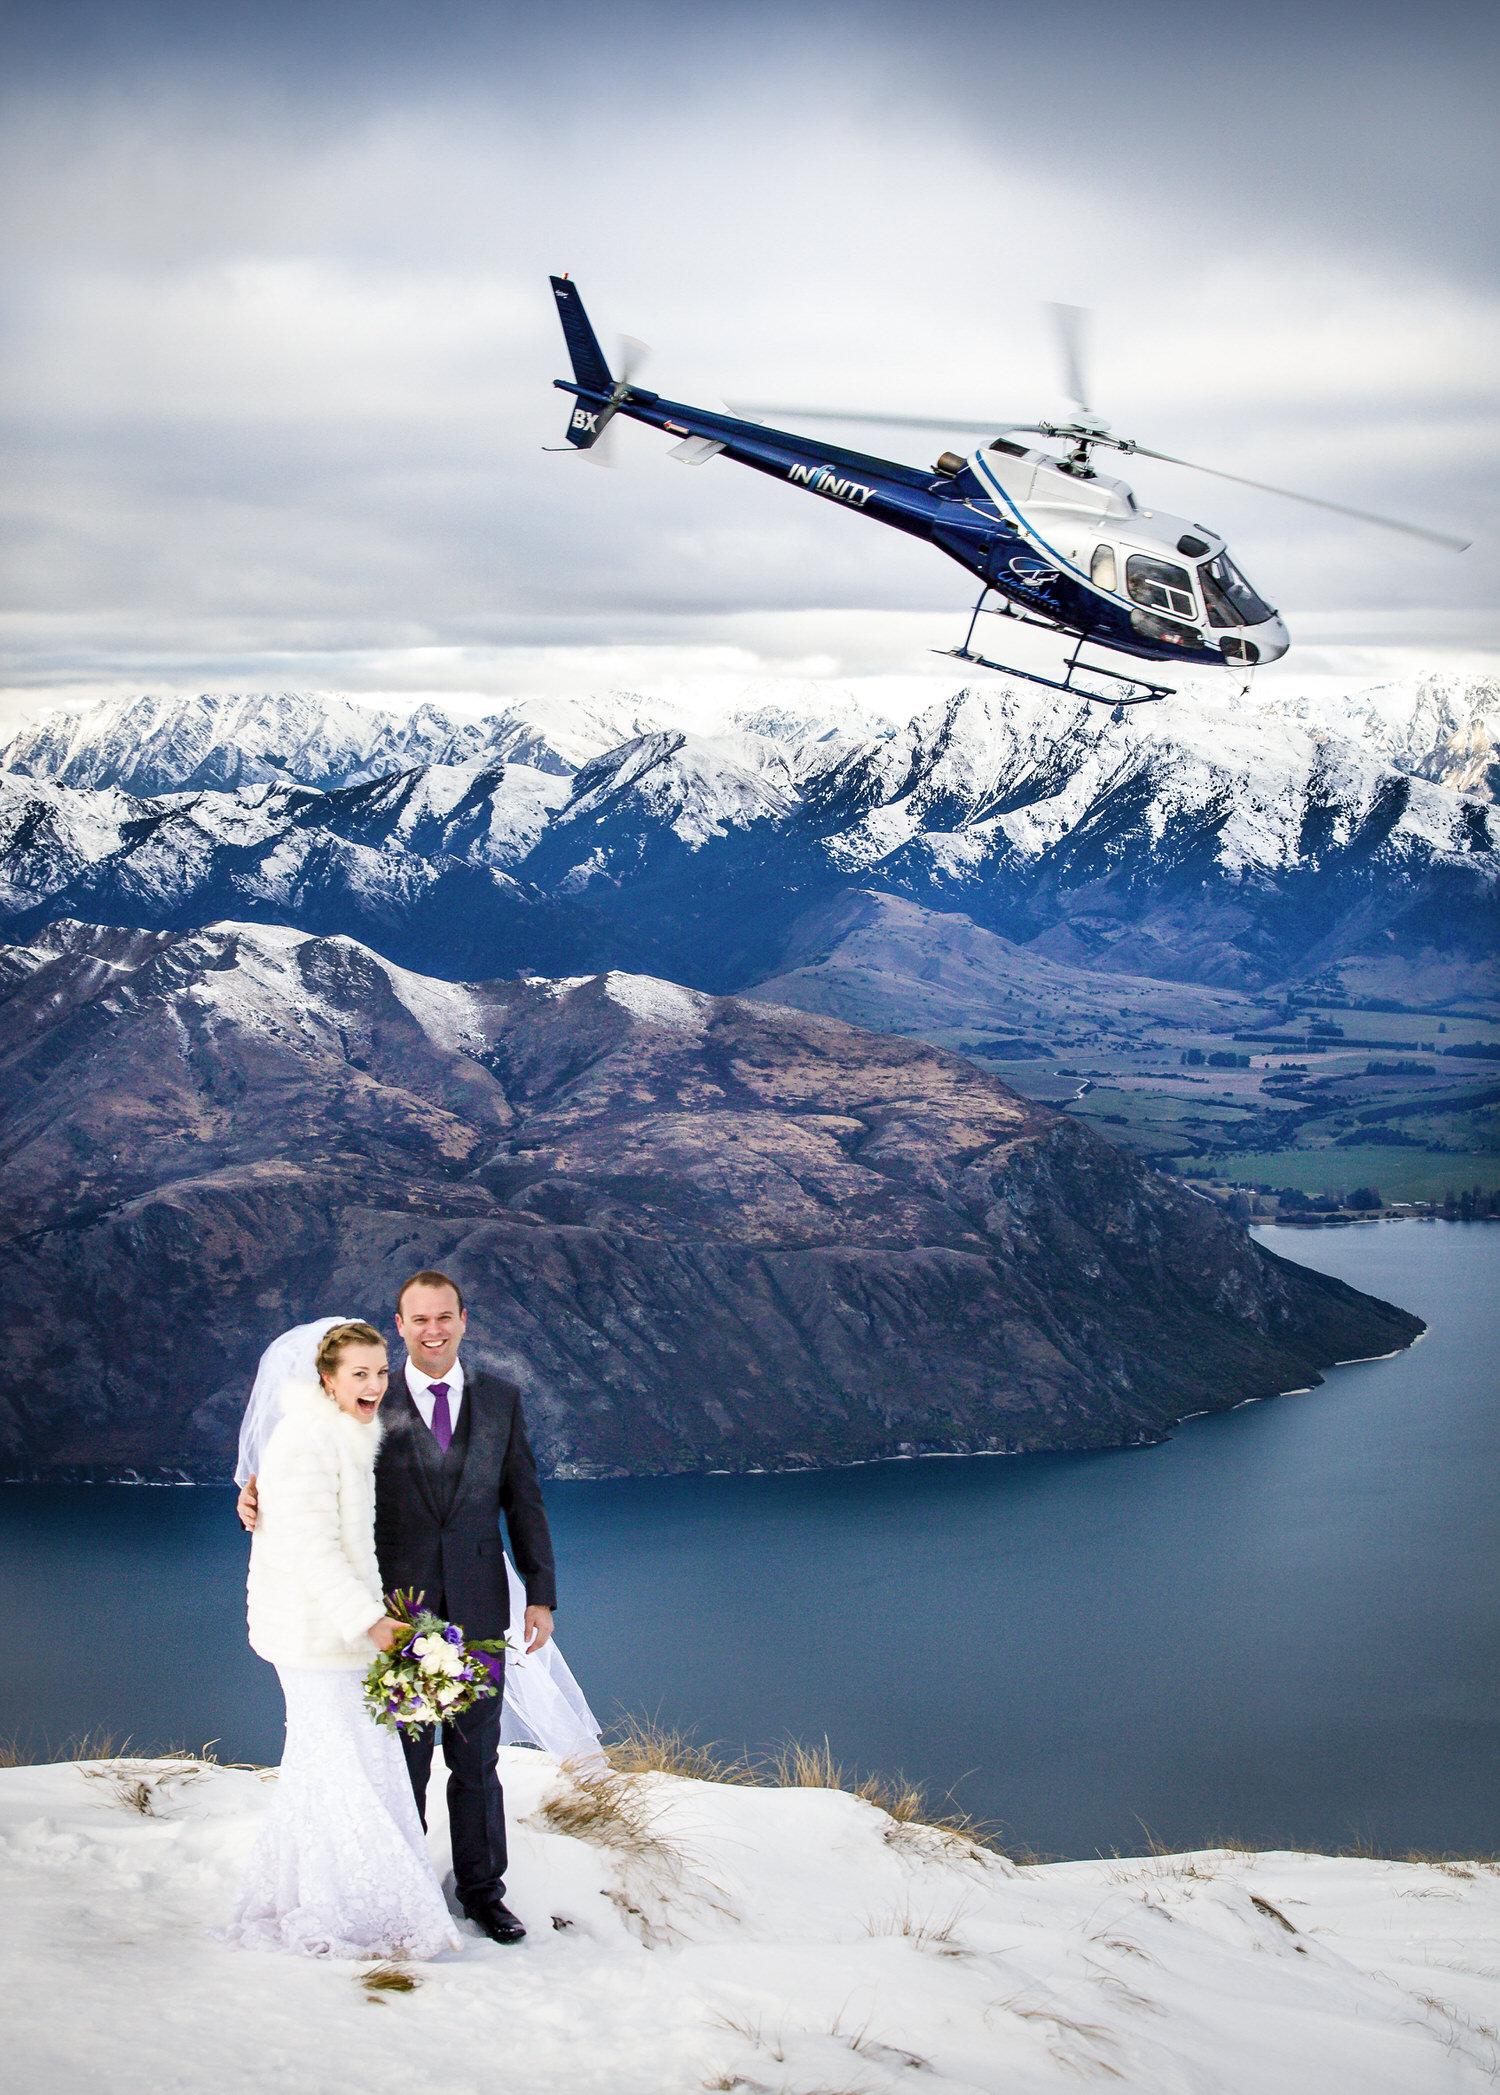 bride-groom-helicopter.jpg